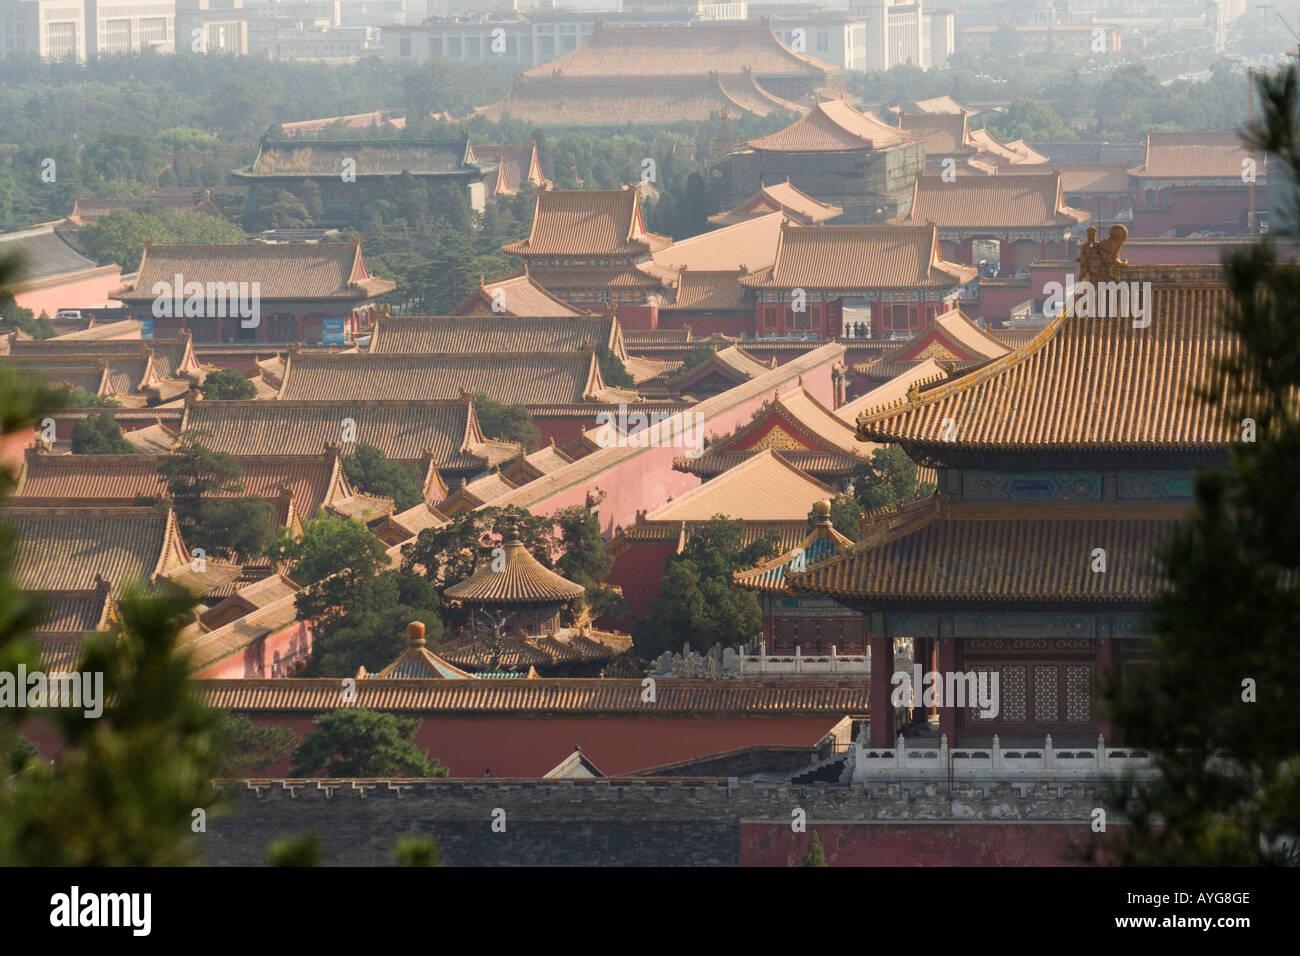 Antenne des verbotenen Stadt betrachtet von einem Hügel in Jingshan Park Peking China Stockfoto